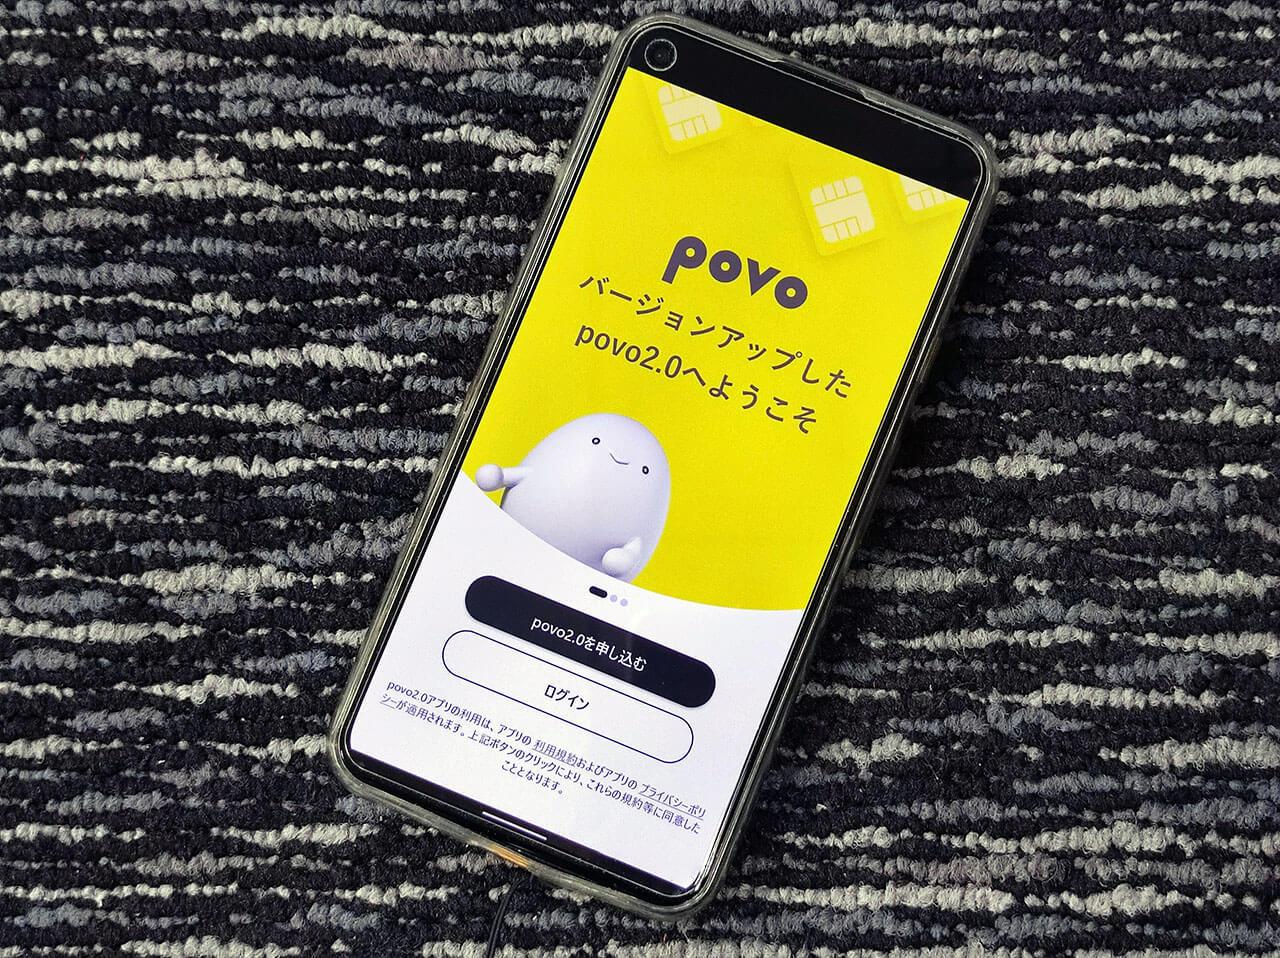 月額0円から使えるauのオンライン専用ブランド「povo2.0」を申し込んでみた